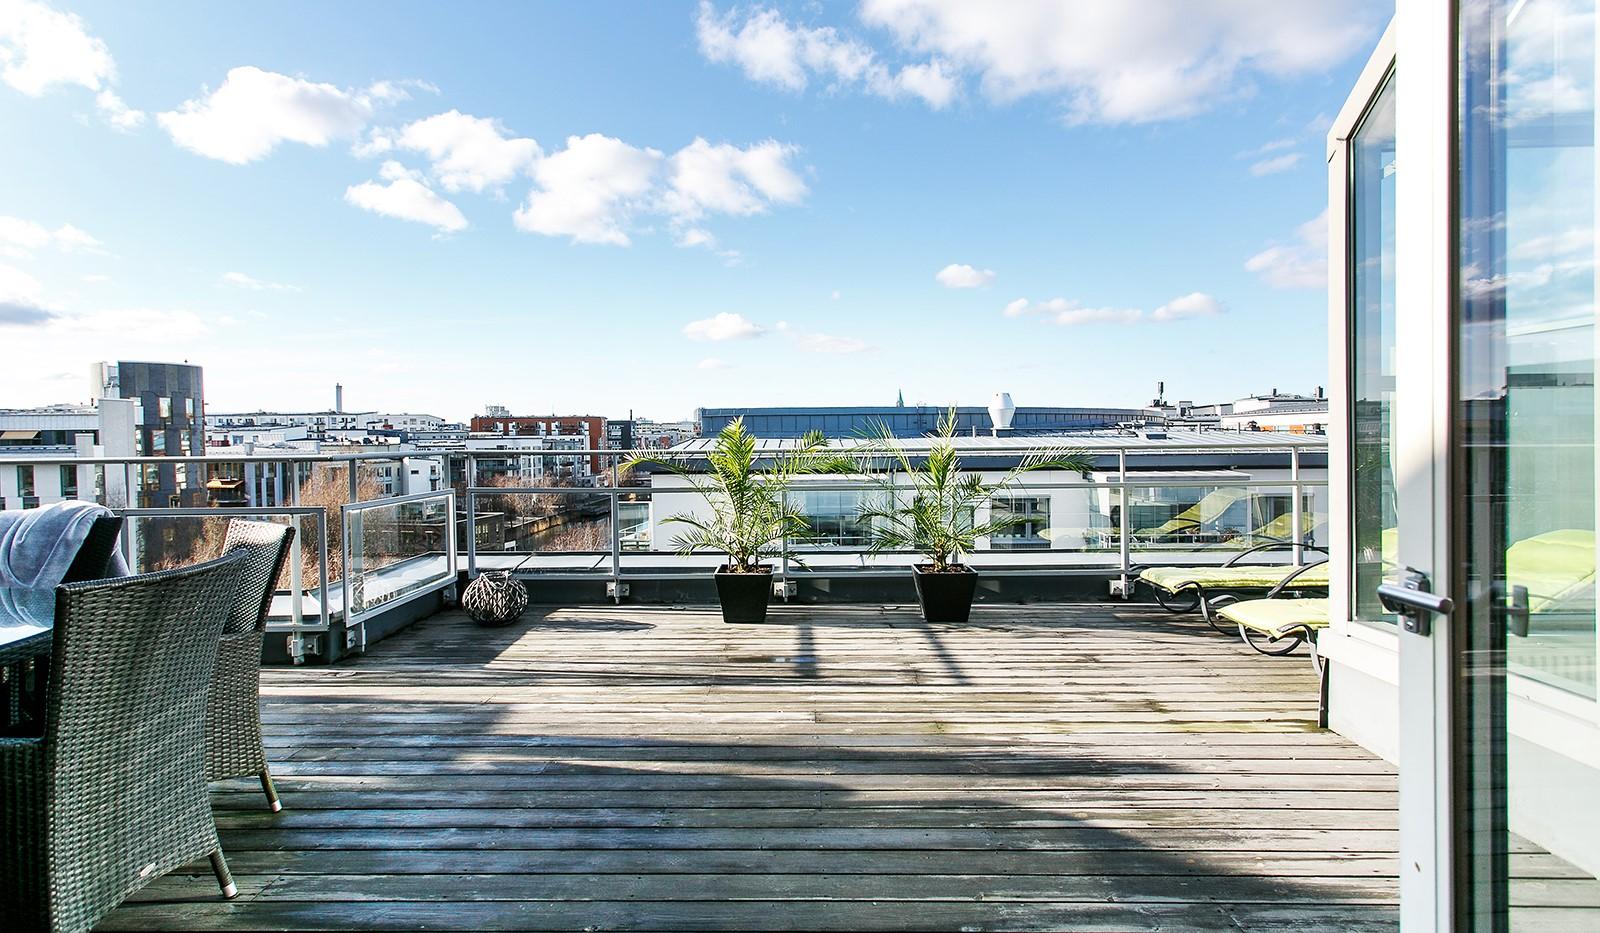 Sickla Kanalgata 64, vån 4 & 5 - Belägen högst upp i huset med ett fritt läge